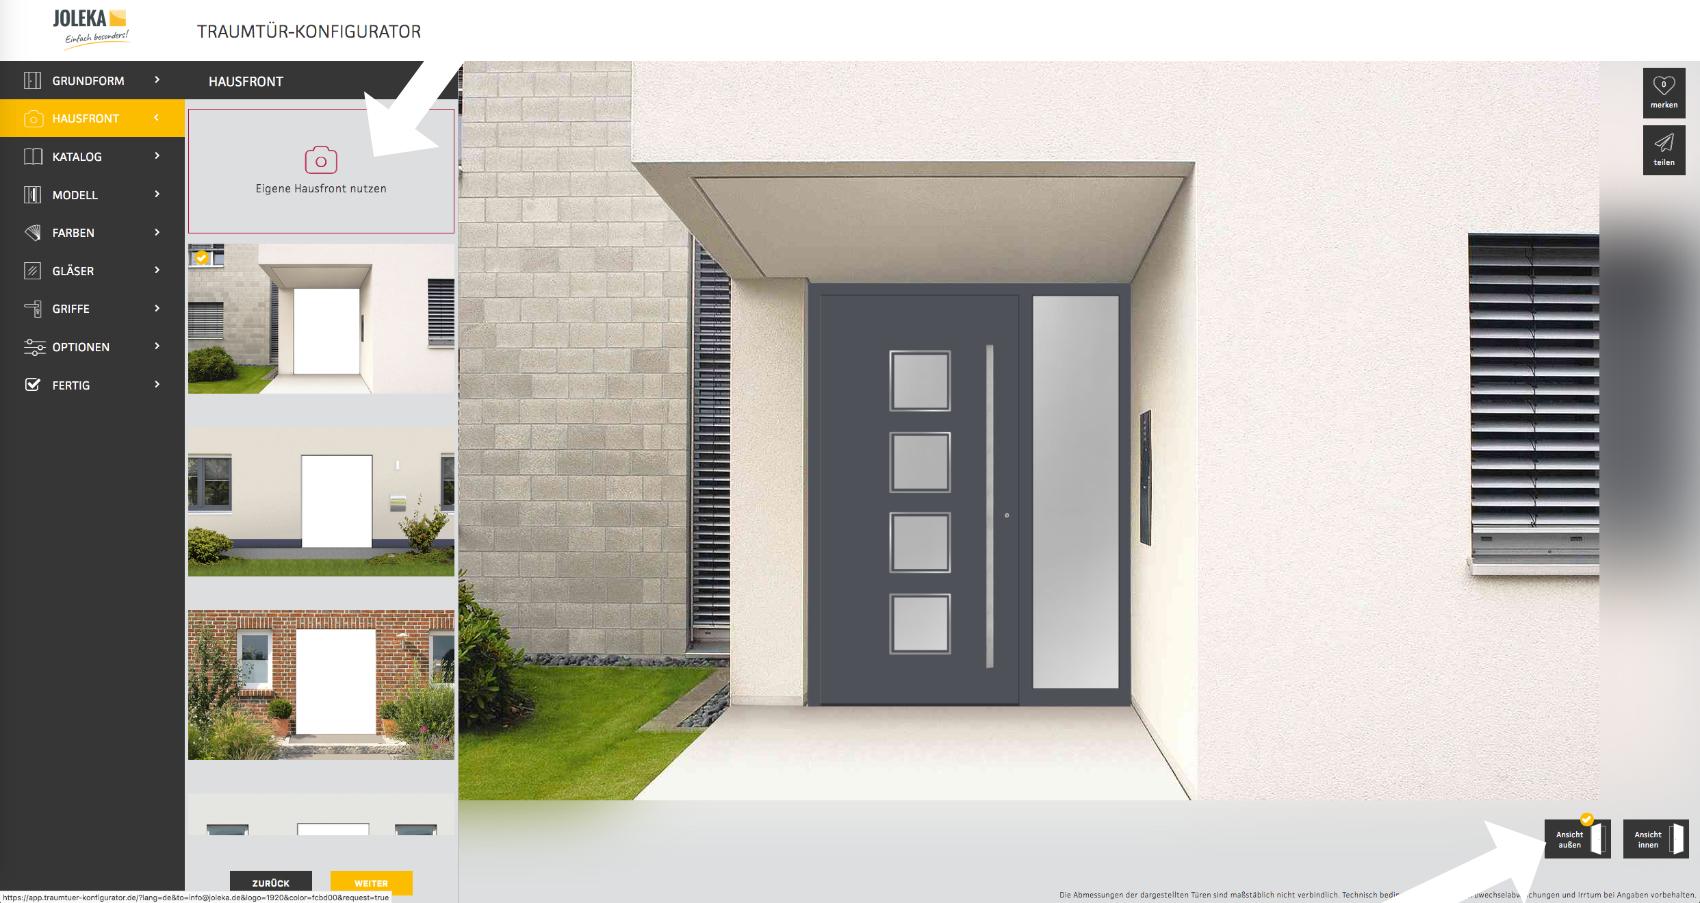 Haustür konfigurieren